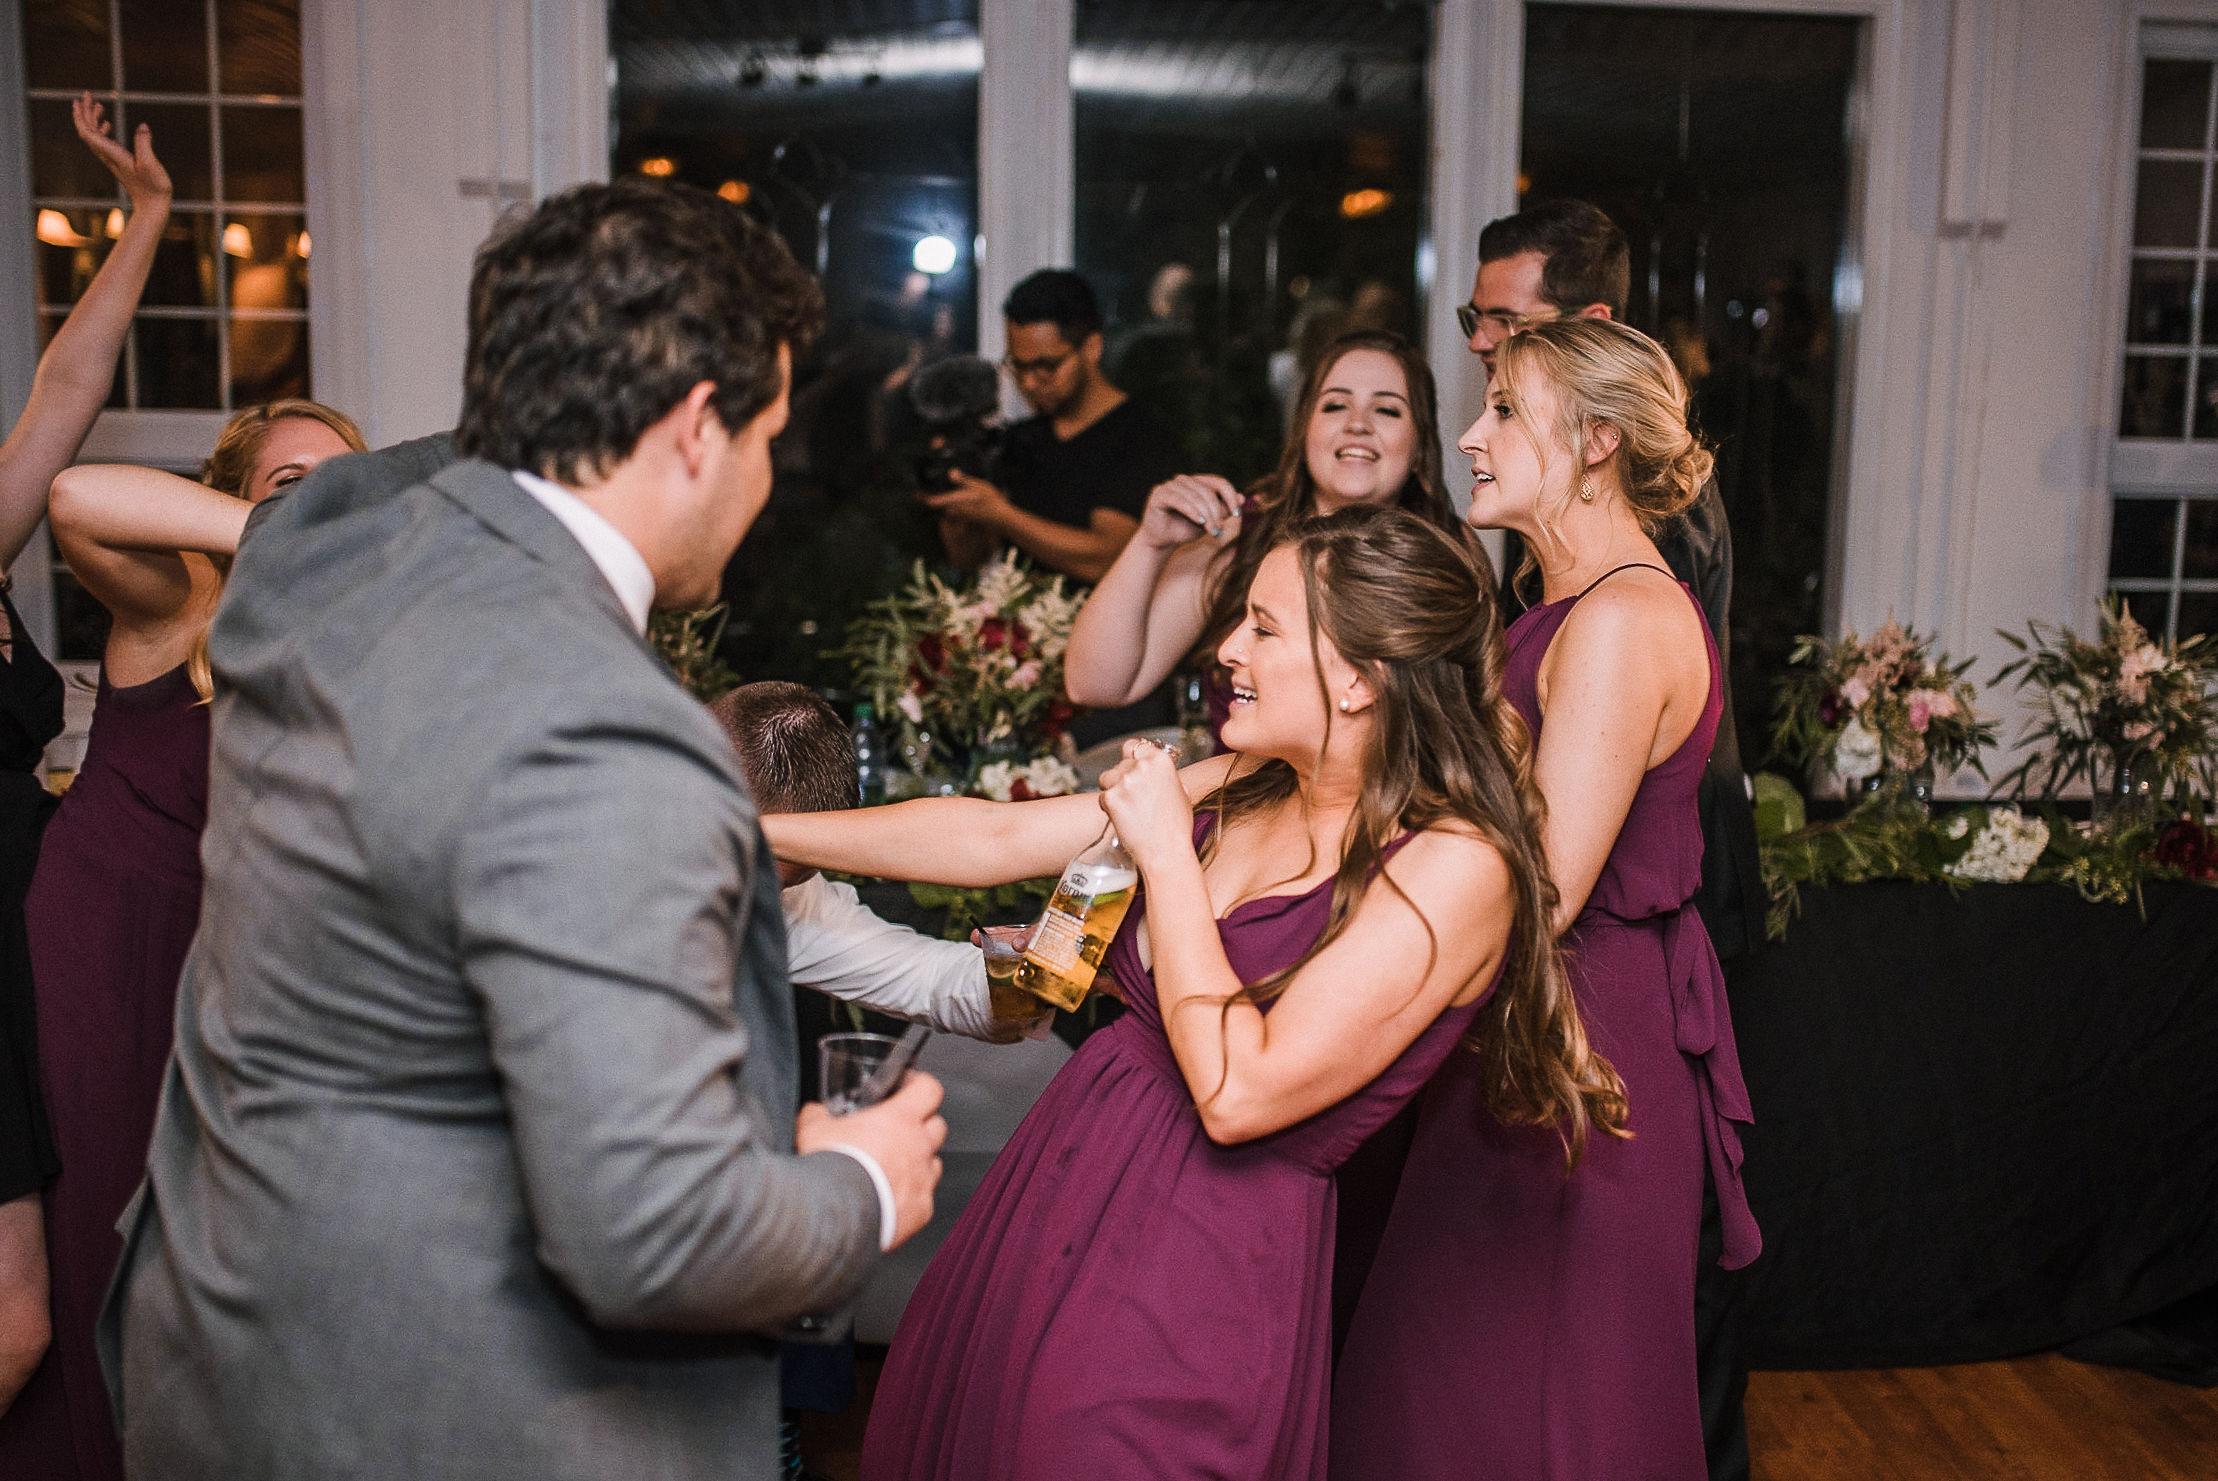 guests dancing at wedding reception at Seasons at Magnolia Manor